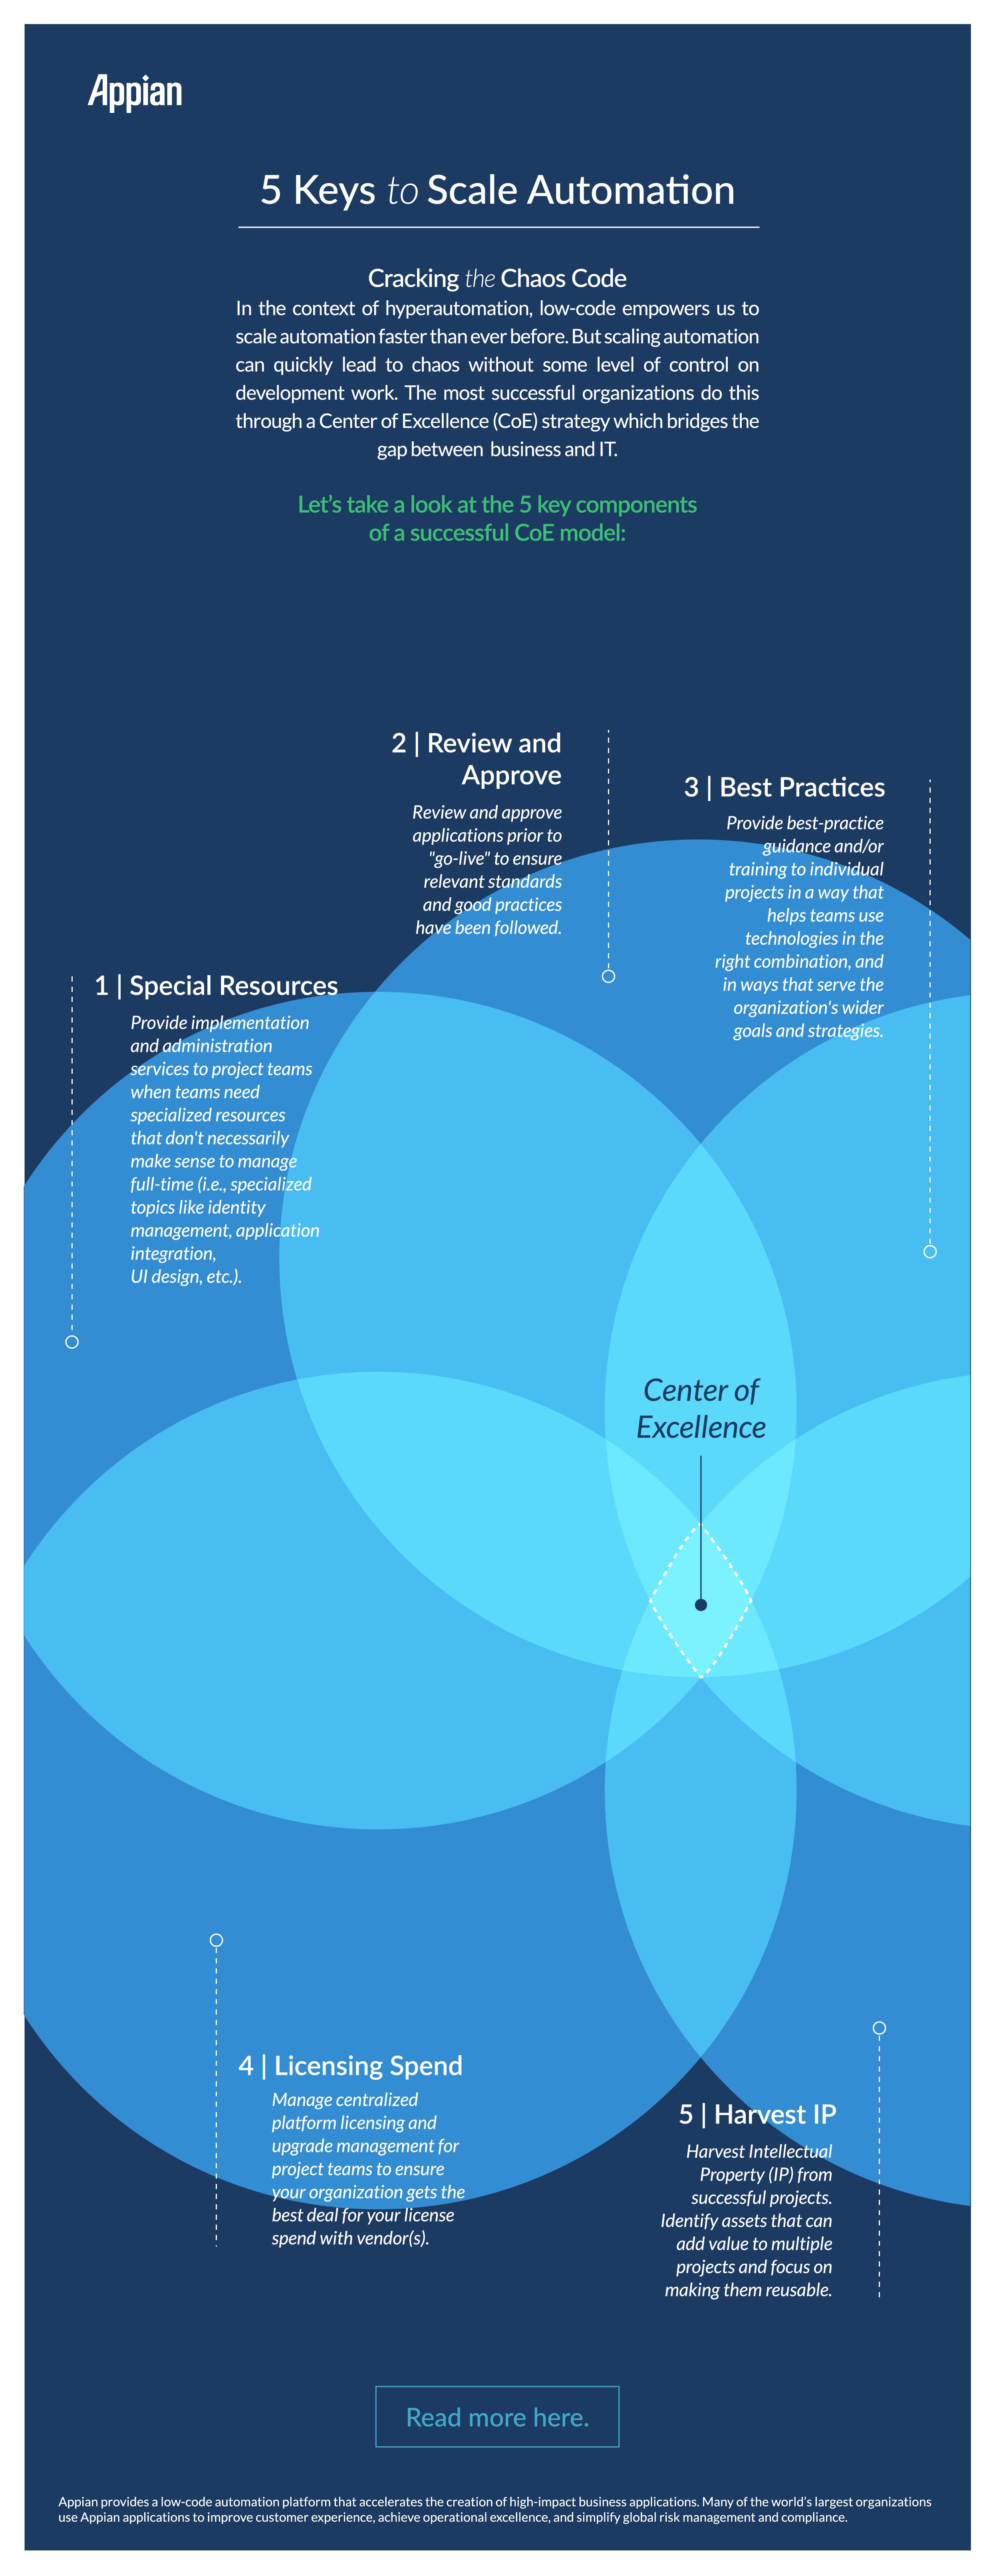 5 claves para la automatización a escala - infográfica